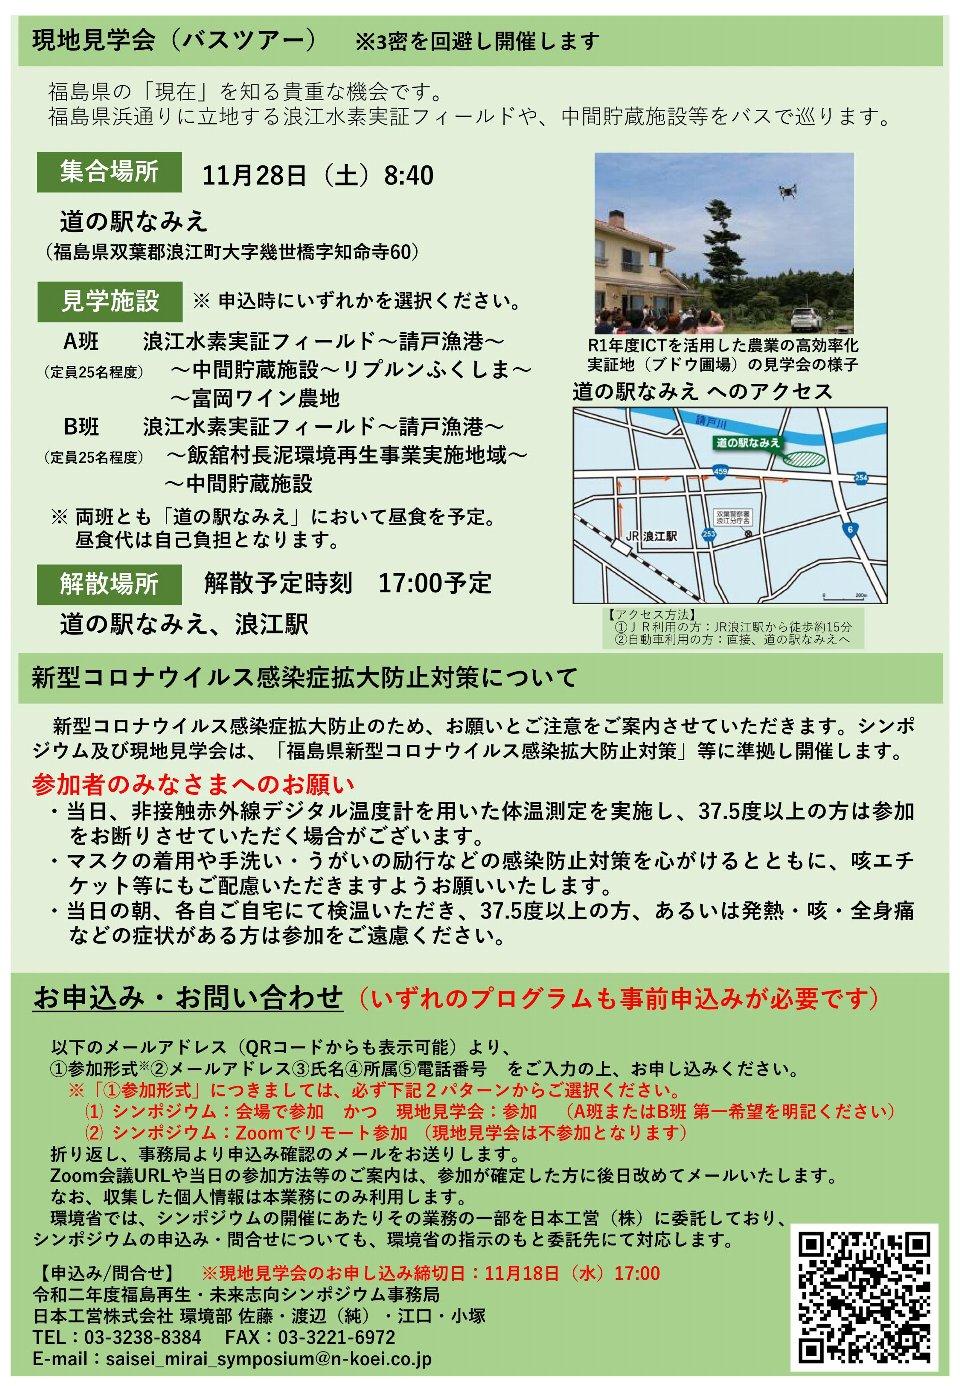 令和2年度 福島再生・未来志向シンポジウム2